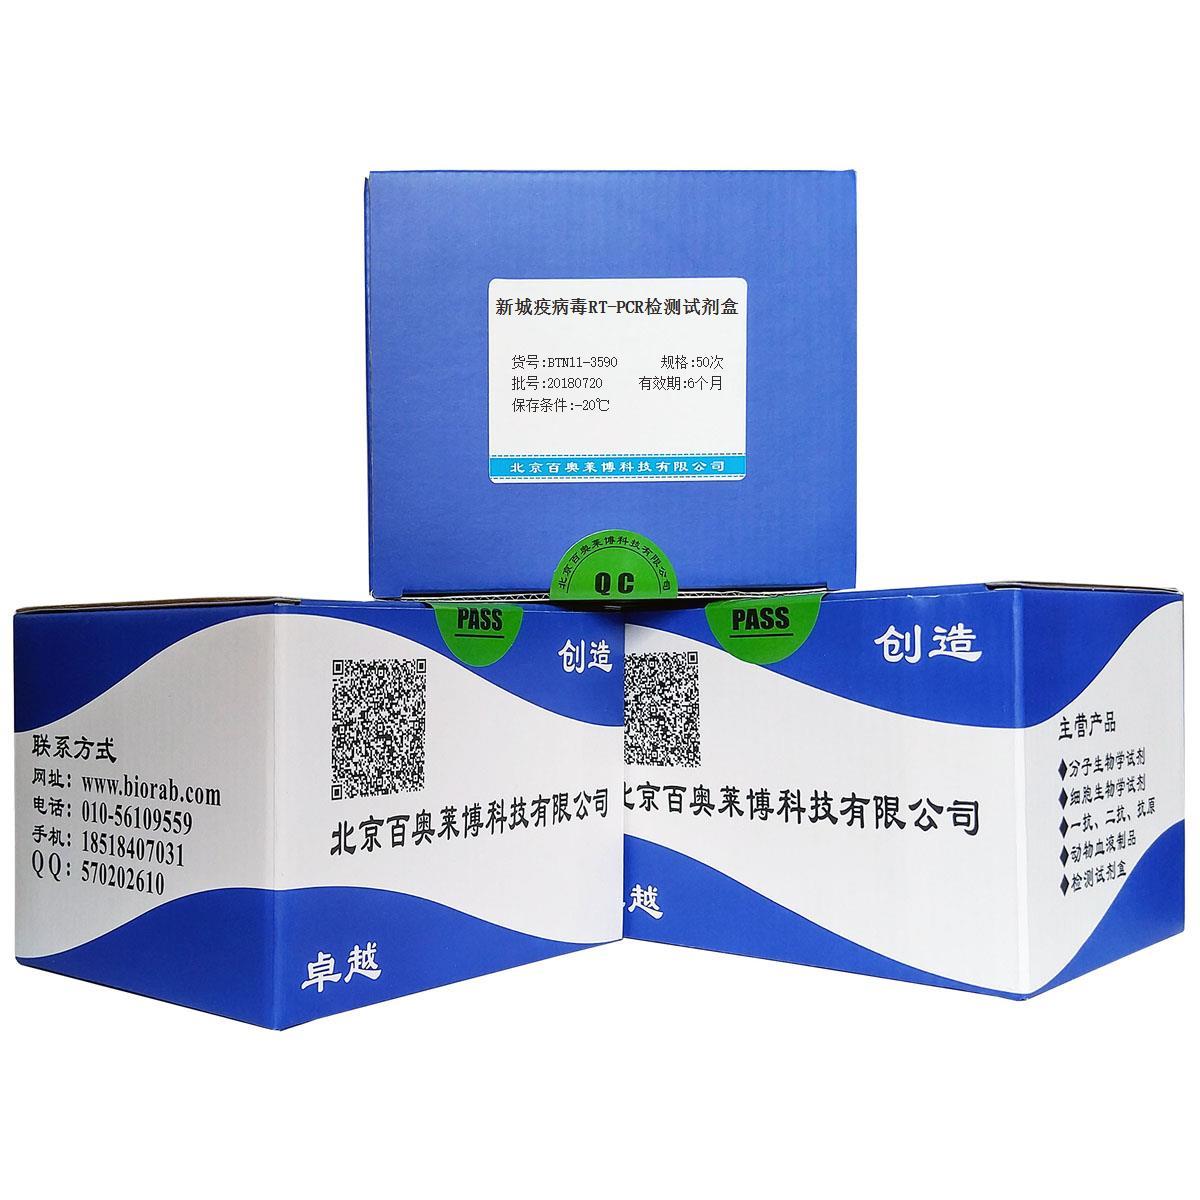 新城疫病毒RT-PCR检测试剂盒